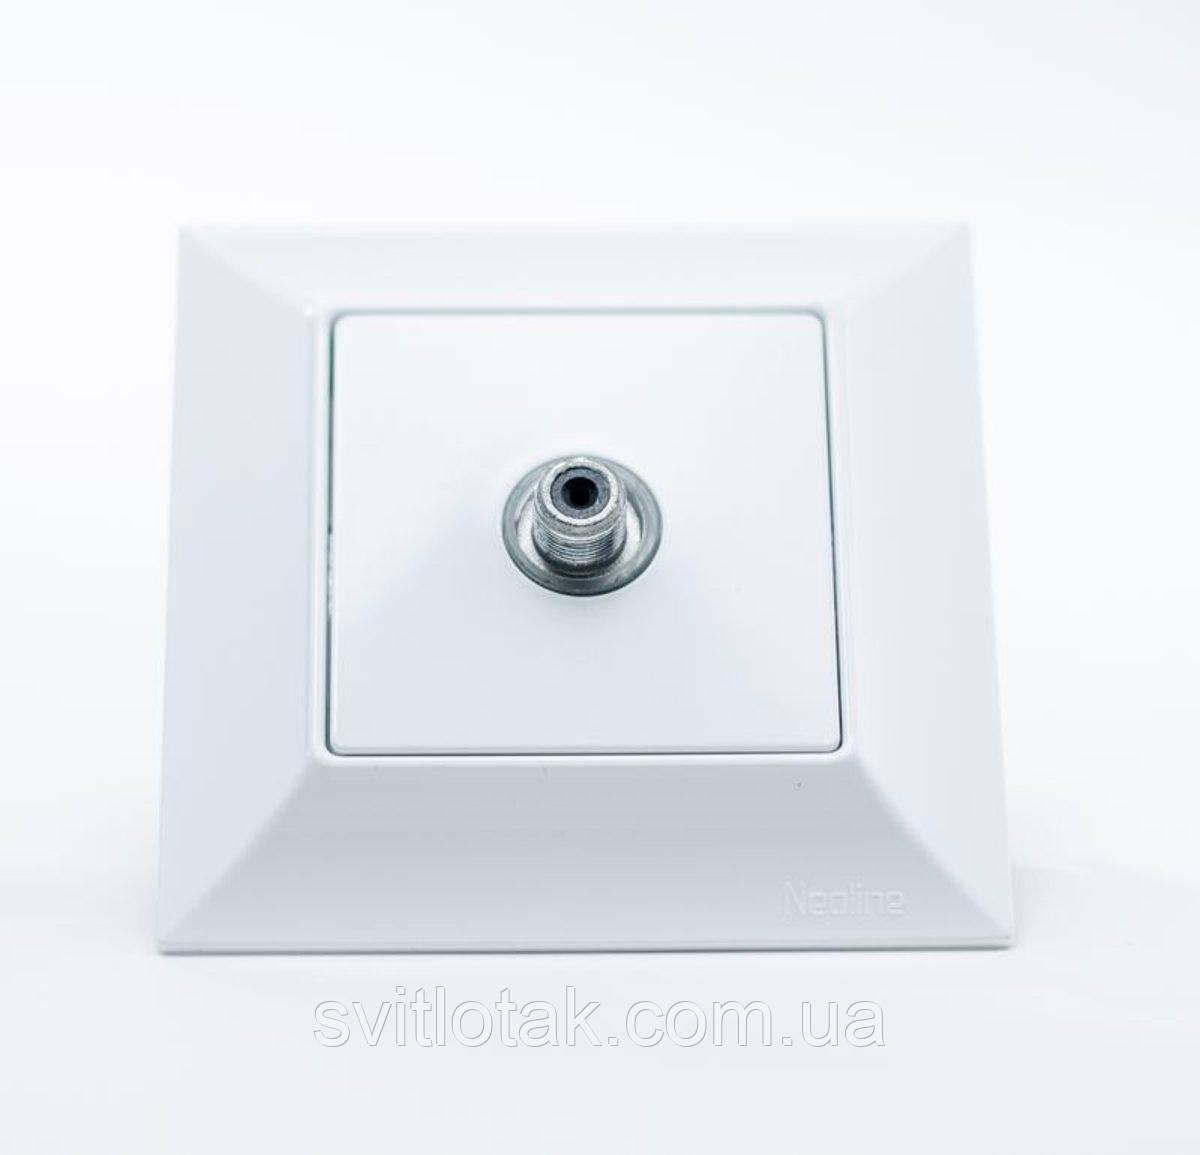 Neoline розетка SAT біла